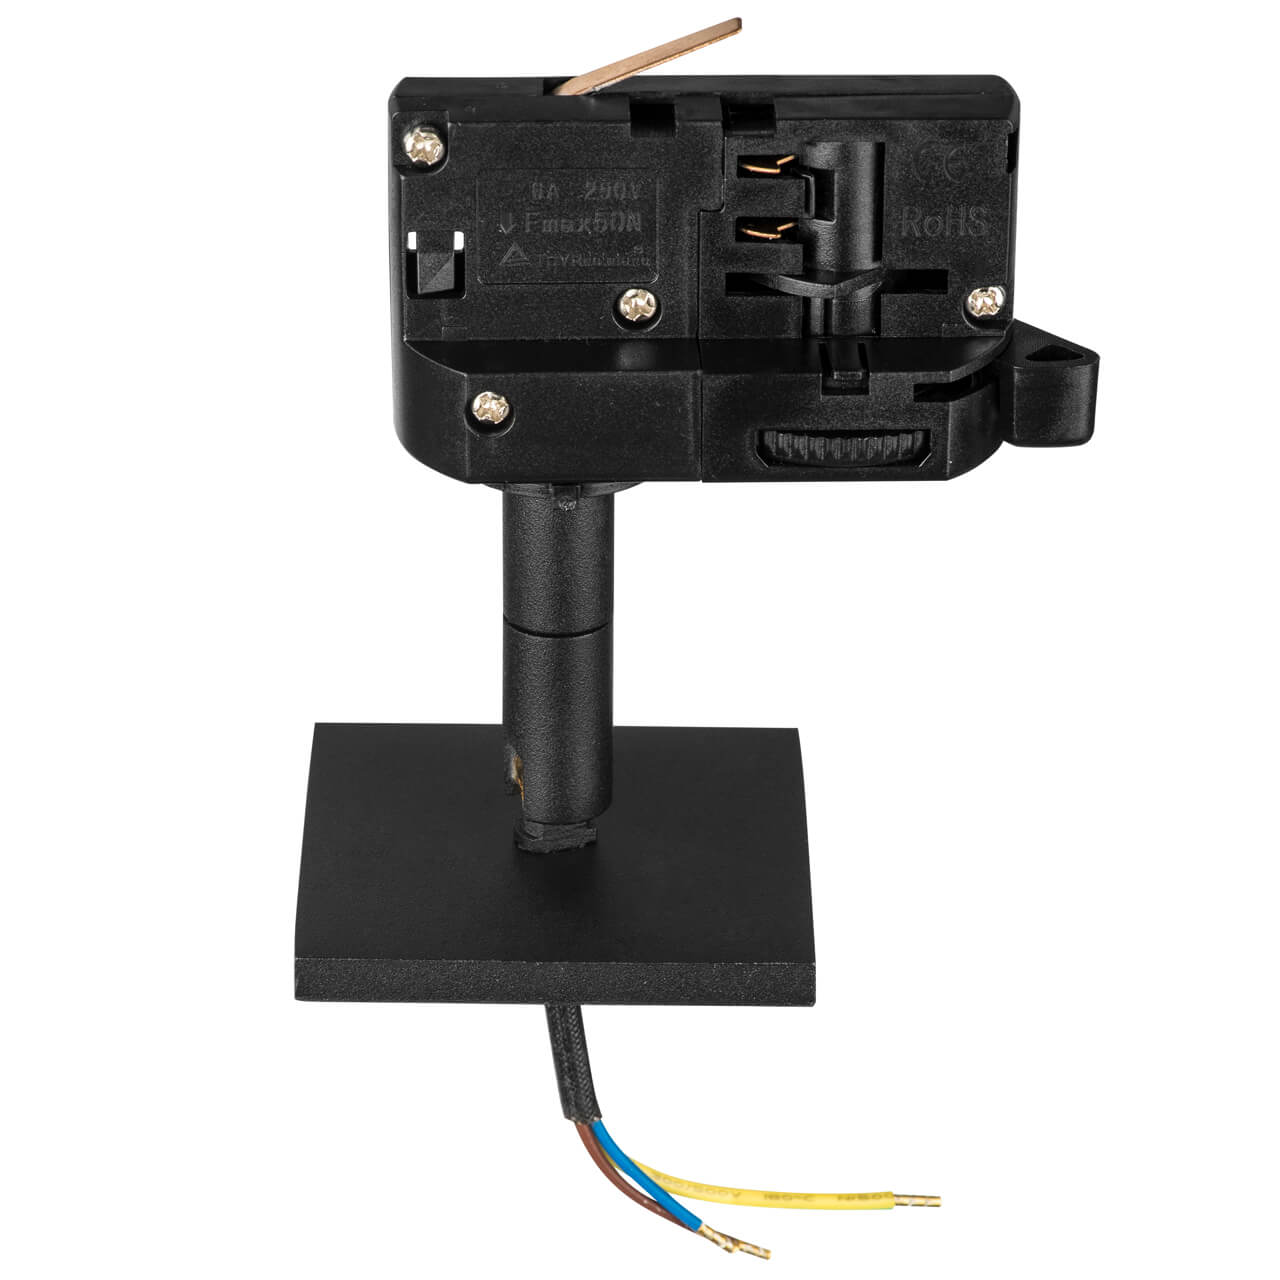 Адаптер для шинопровода Lightstar 594257 Asta (для трехфазного шинопровода)